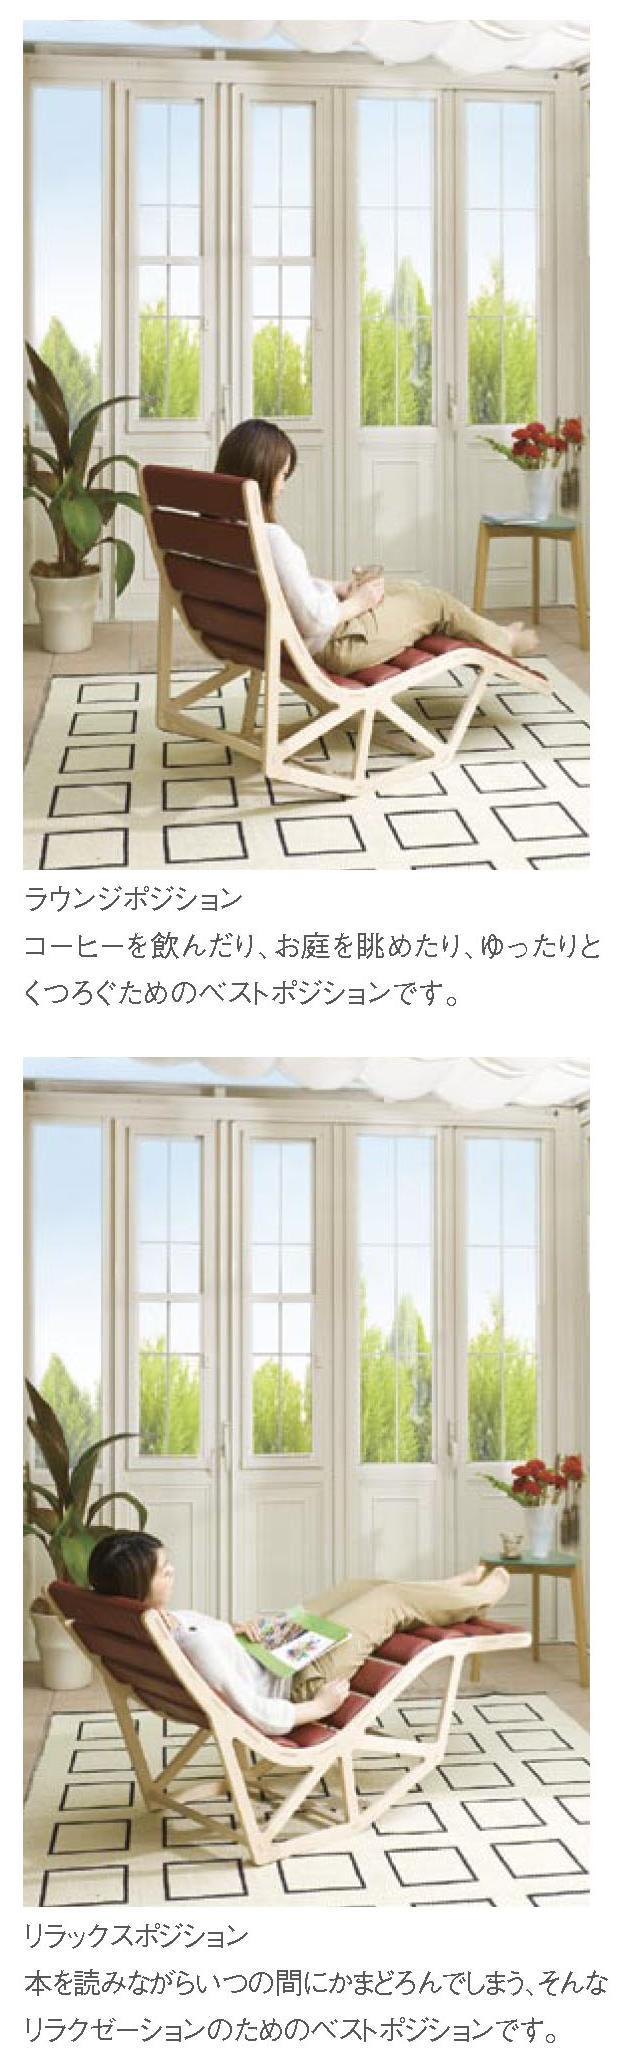 ミッドテリアプロジェクト☆フローレ_e0128446_15134152.jpg